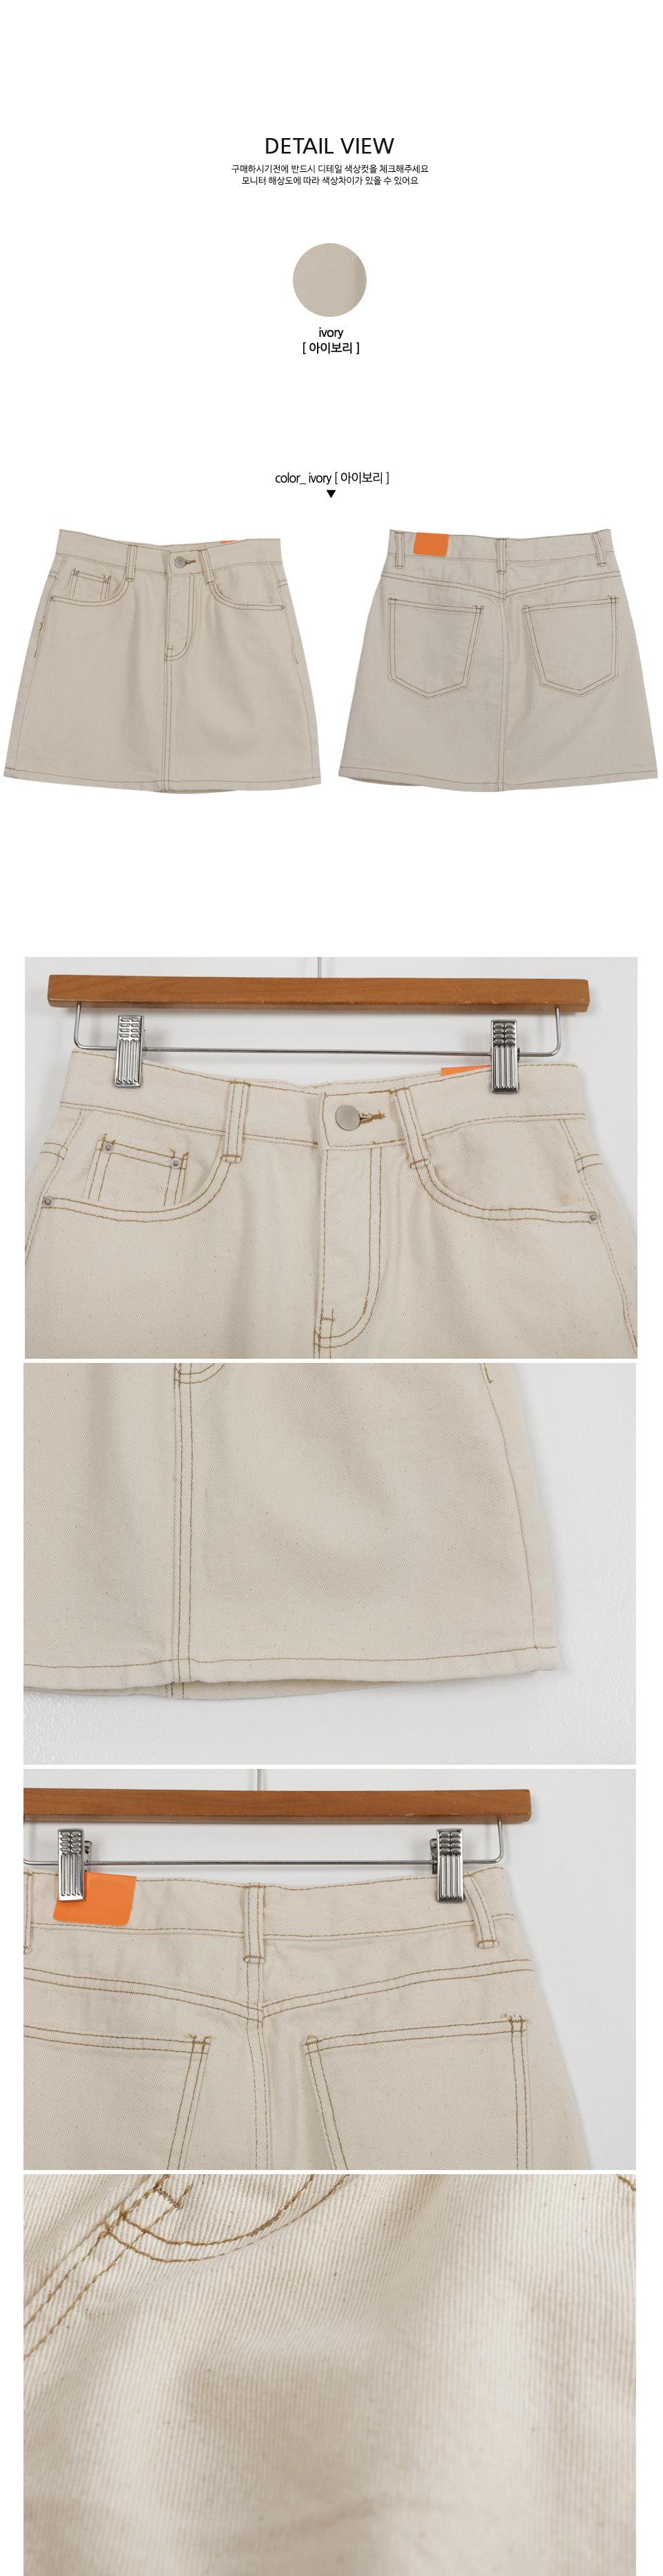 Omily rimini skirt